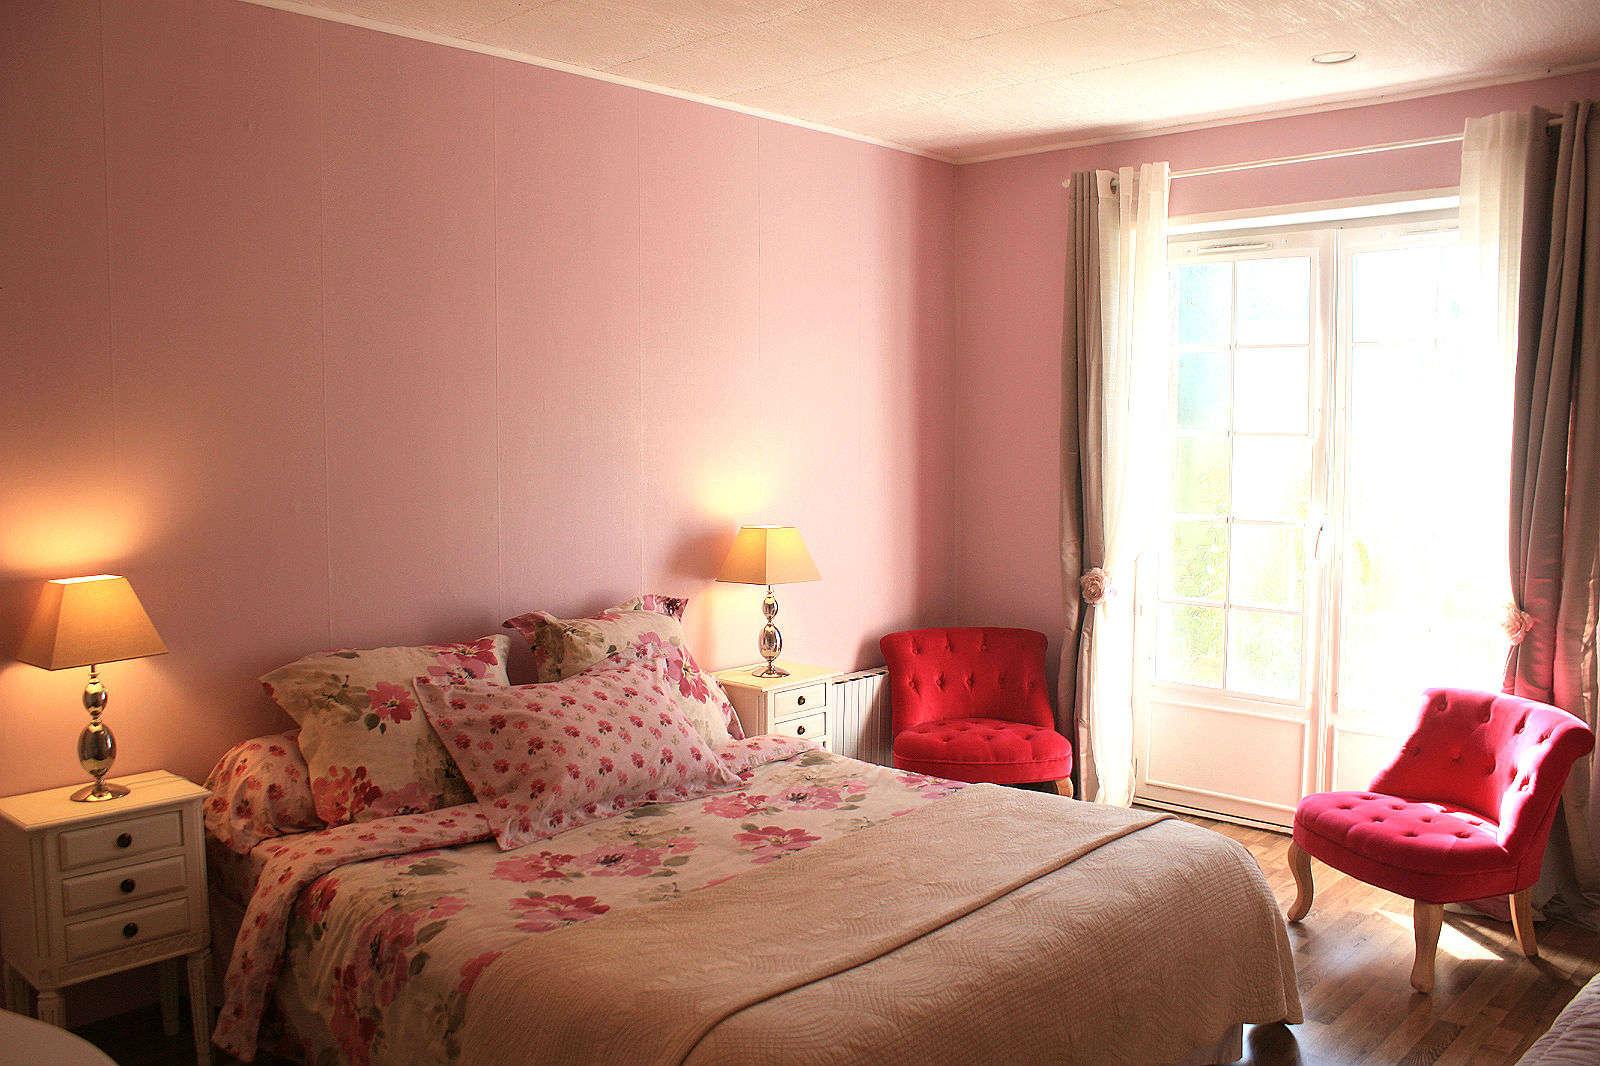 les grands pins chambre d hote a proximite de giverny. Black Bedroom Furniture Sets. Home Design Ideas